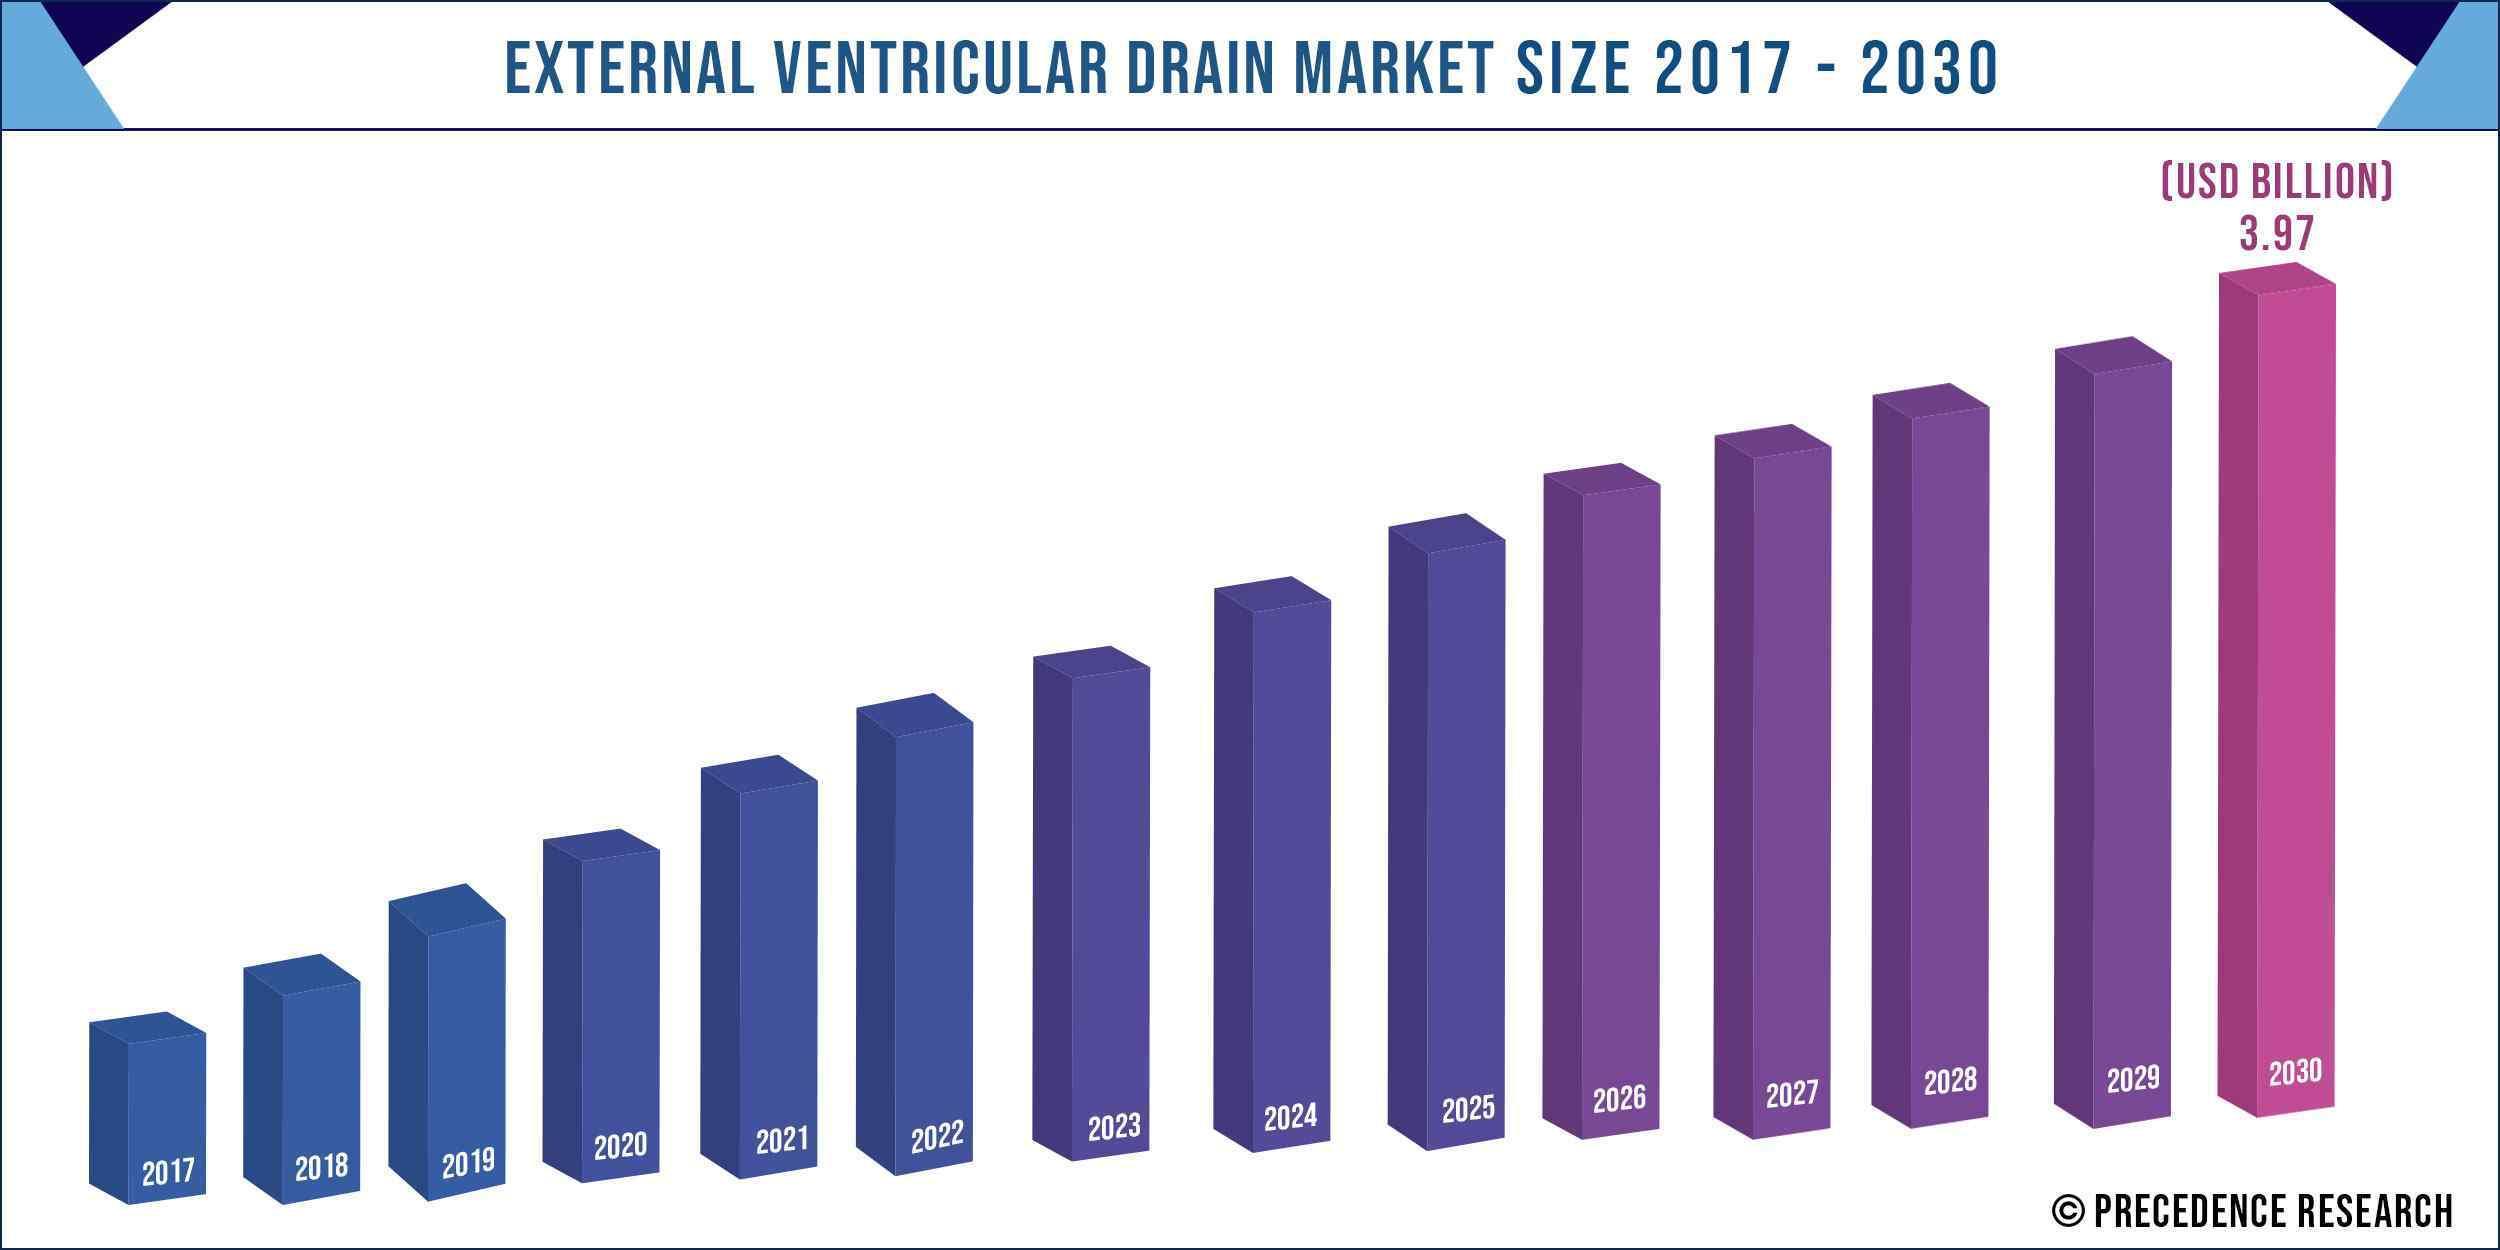 External Ventricular Drain Market Size 2017-2030